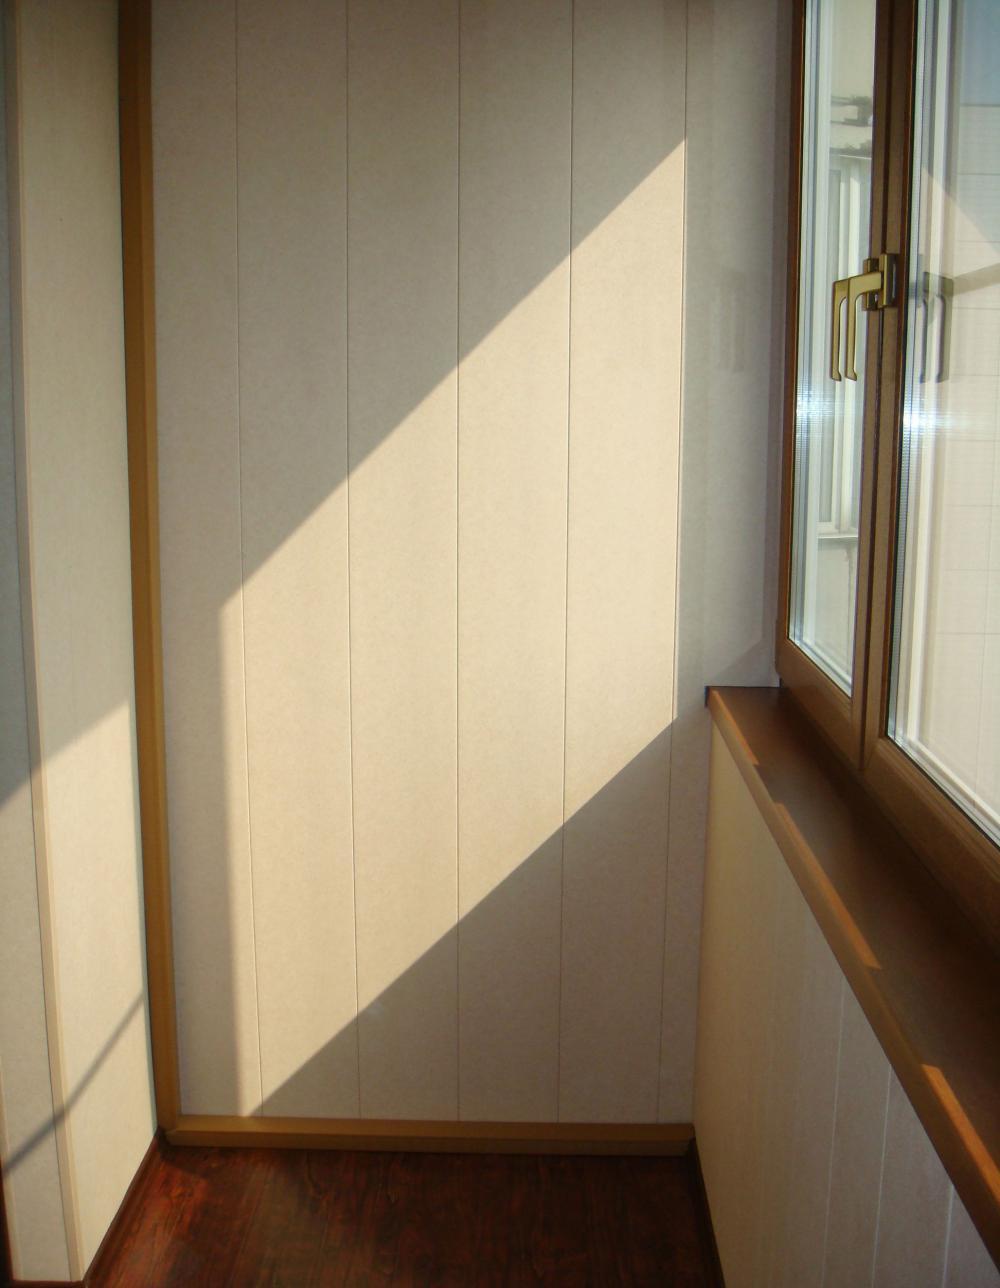 Образцы оформления балкона панелями пвх.